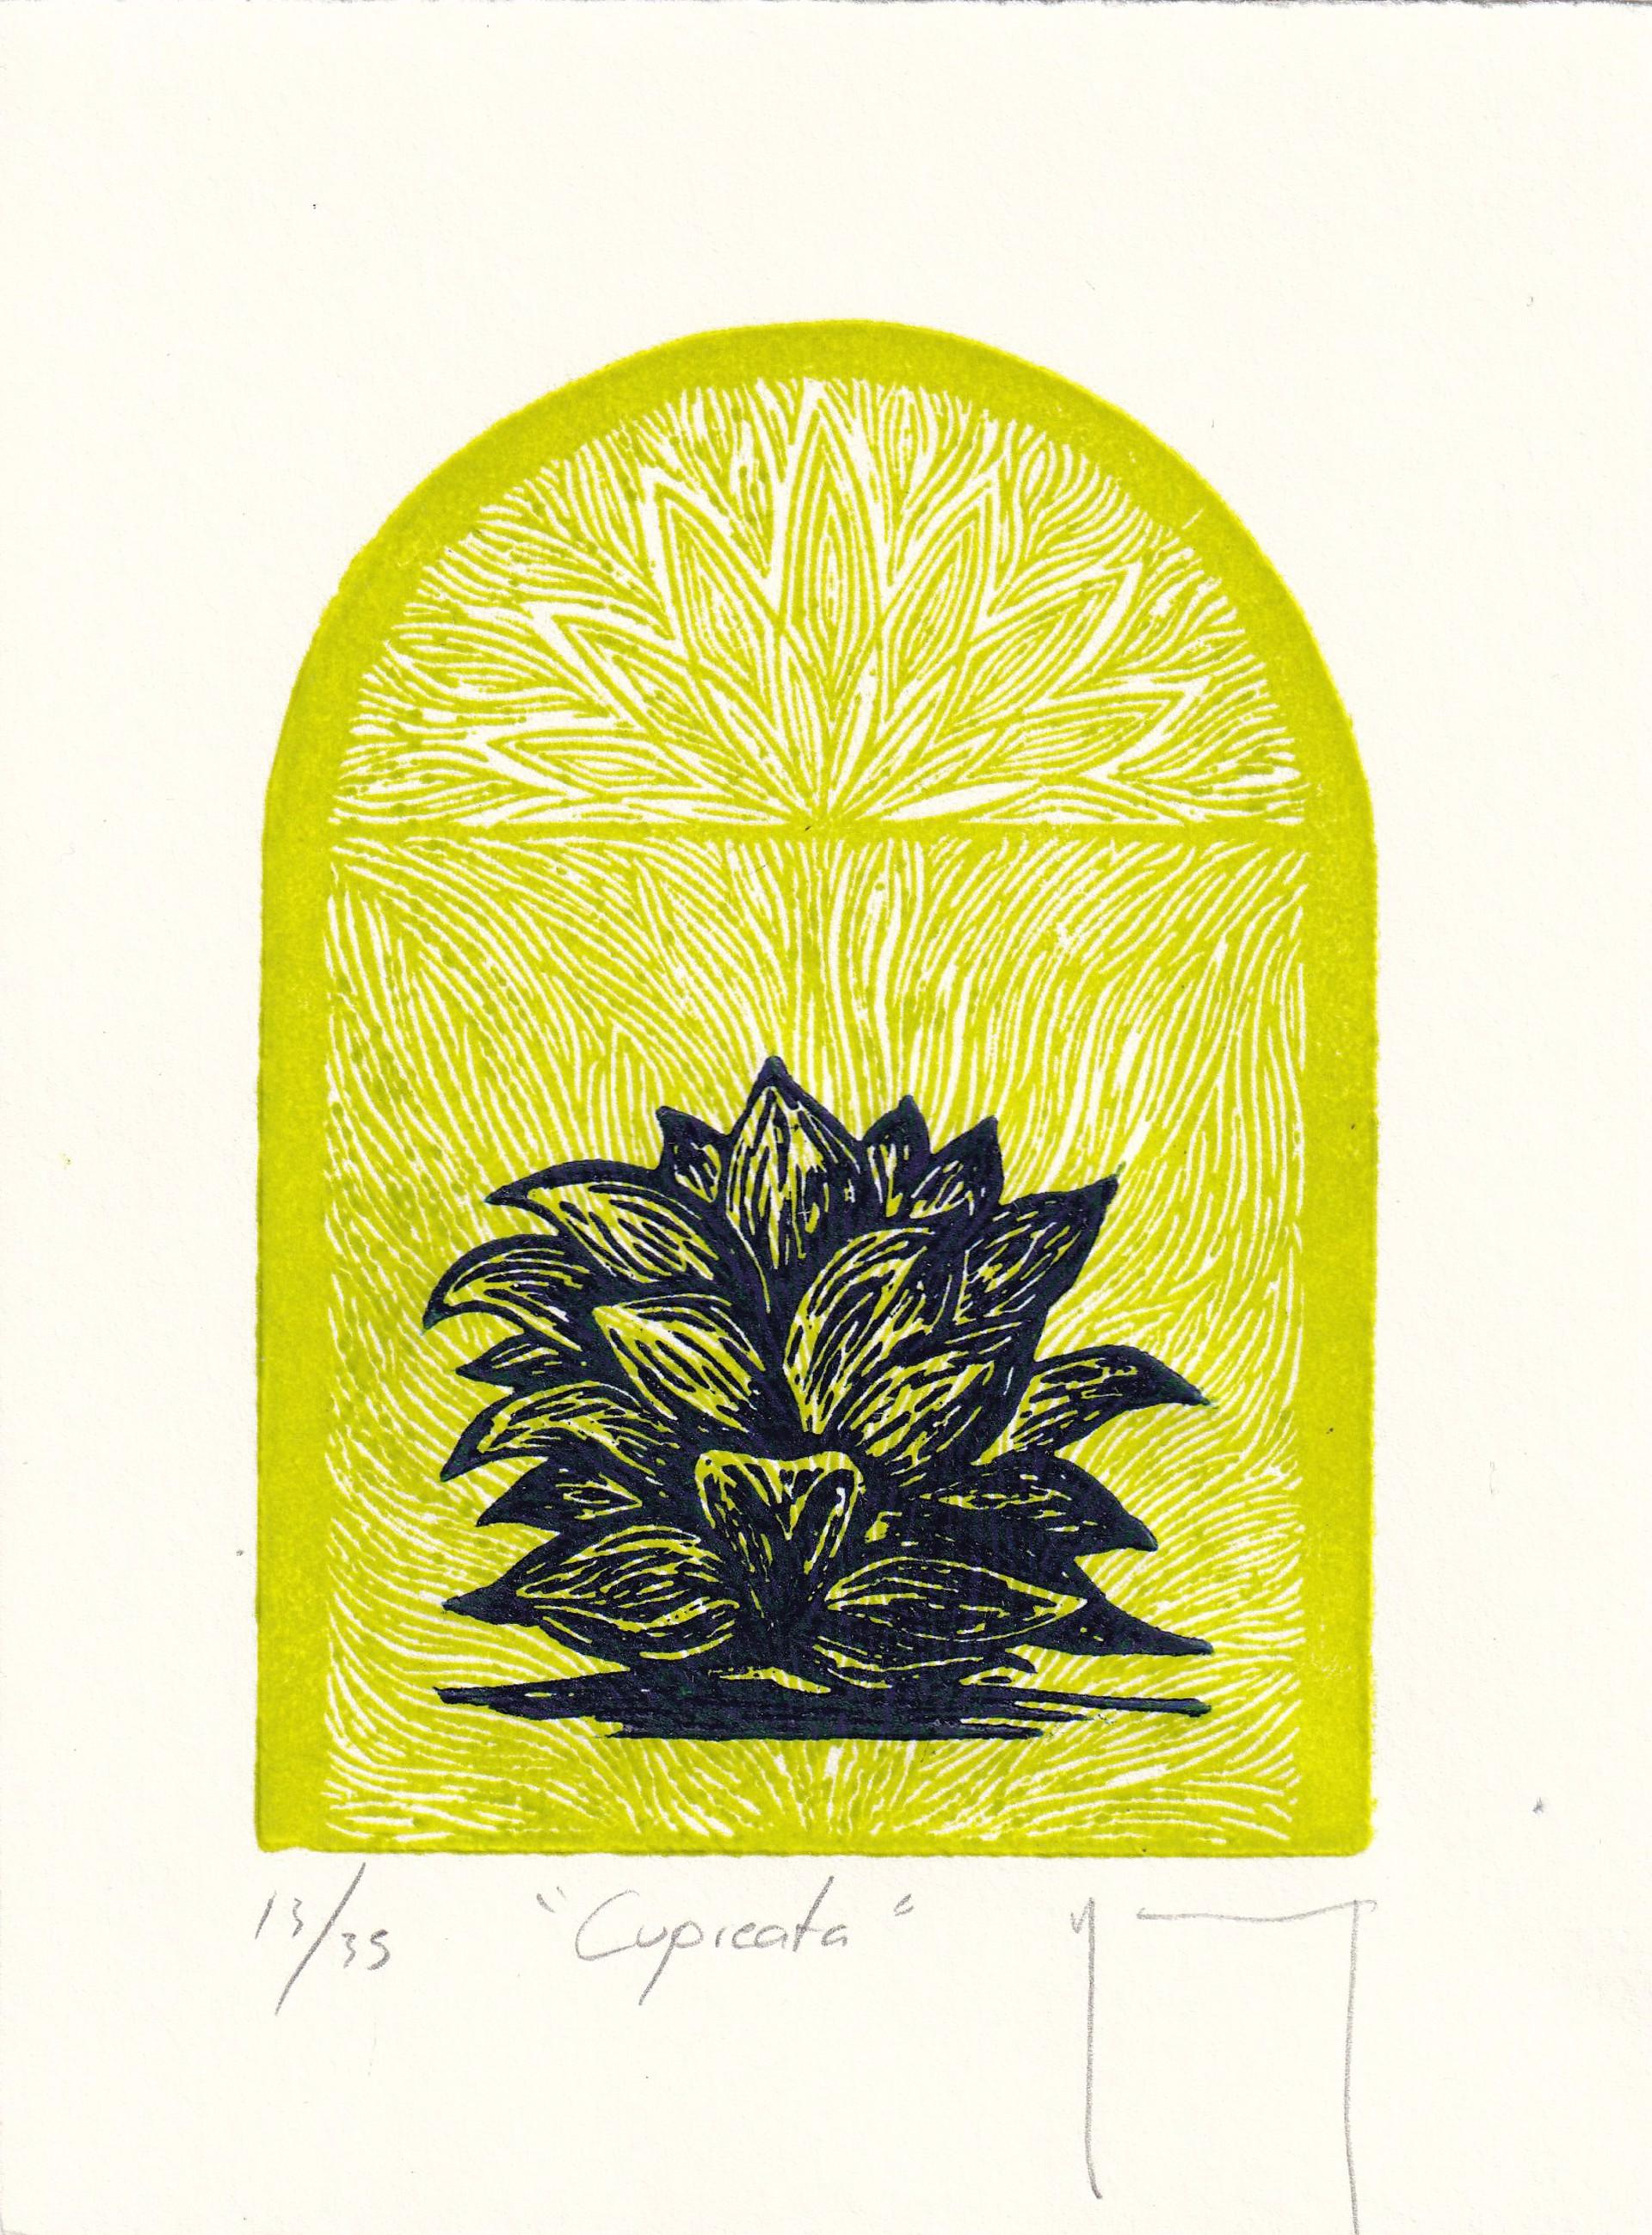 Cupreata by Miguel Jimenez Martinez